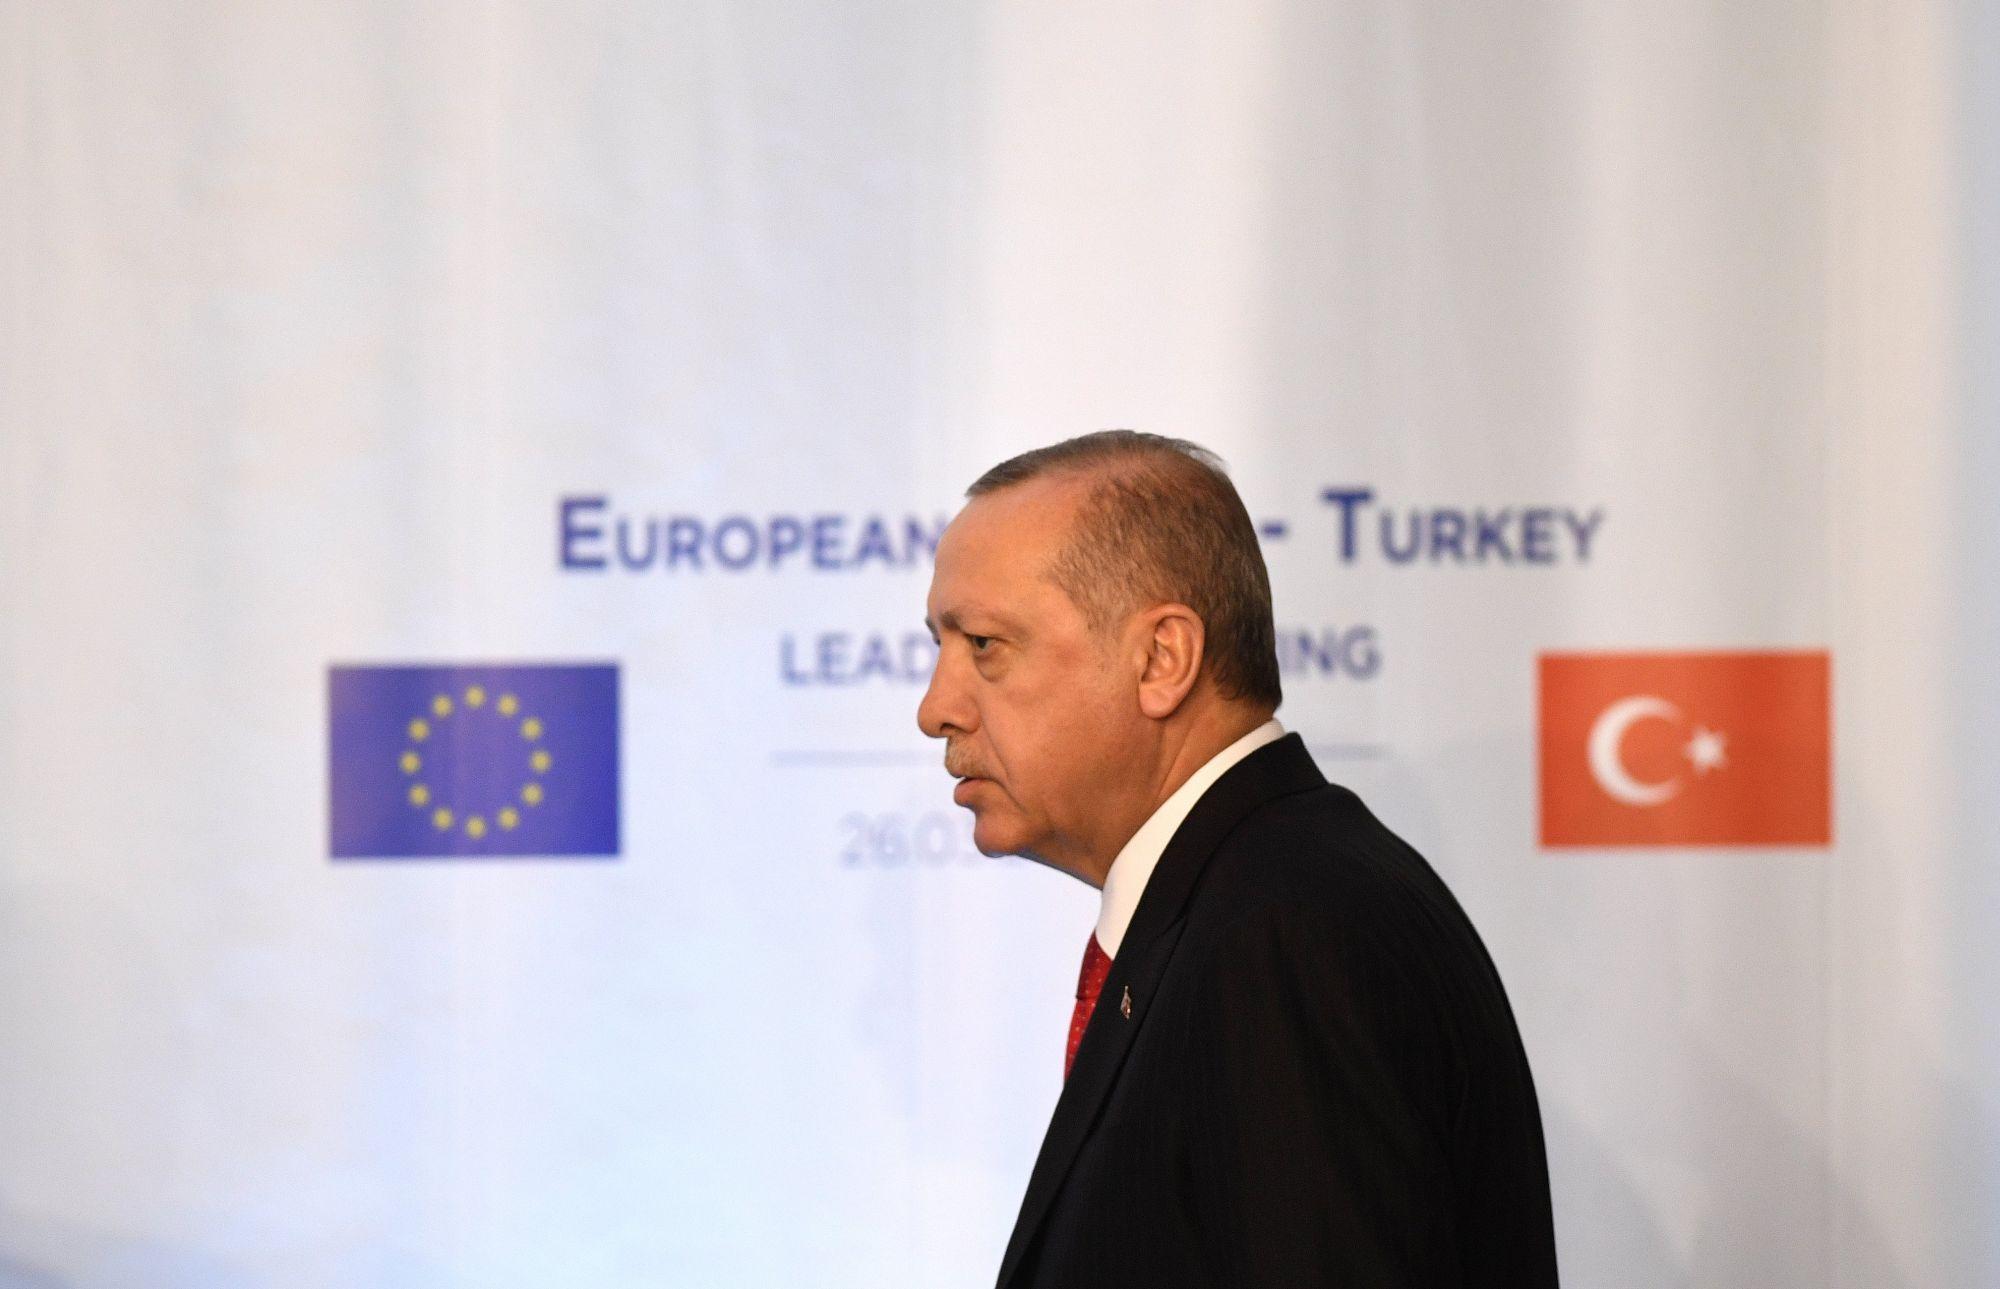 Recep Tayyip Erdogan török államfő érkezik az uniós vezetőkkel tartott találkozóját követő sajtótájékoztatóra a Várna melletti Euxinográd-palotában 2018. március 26-án. (MTI/EPA/Vaszil Donev)